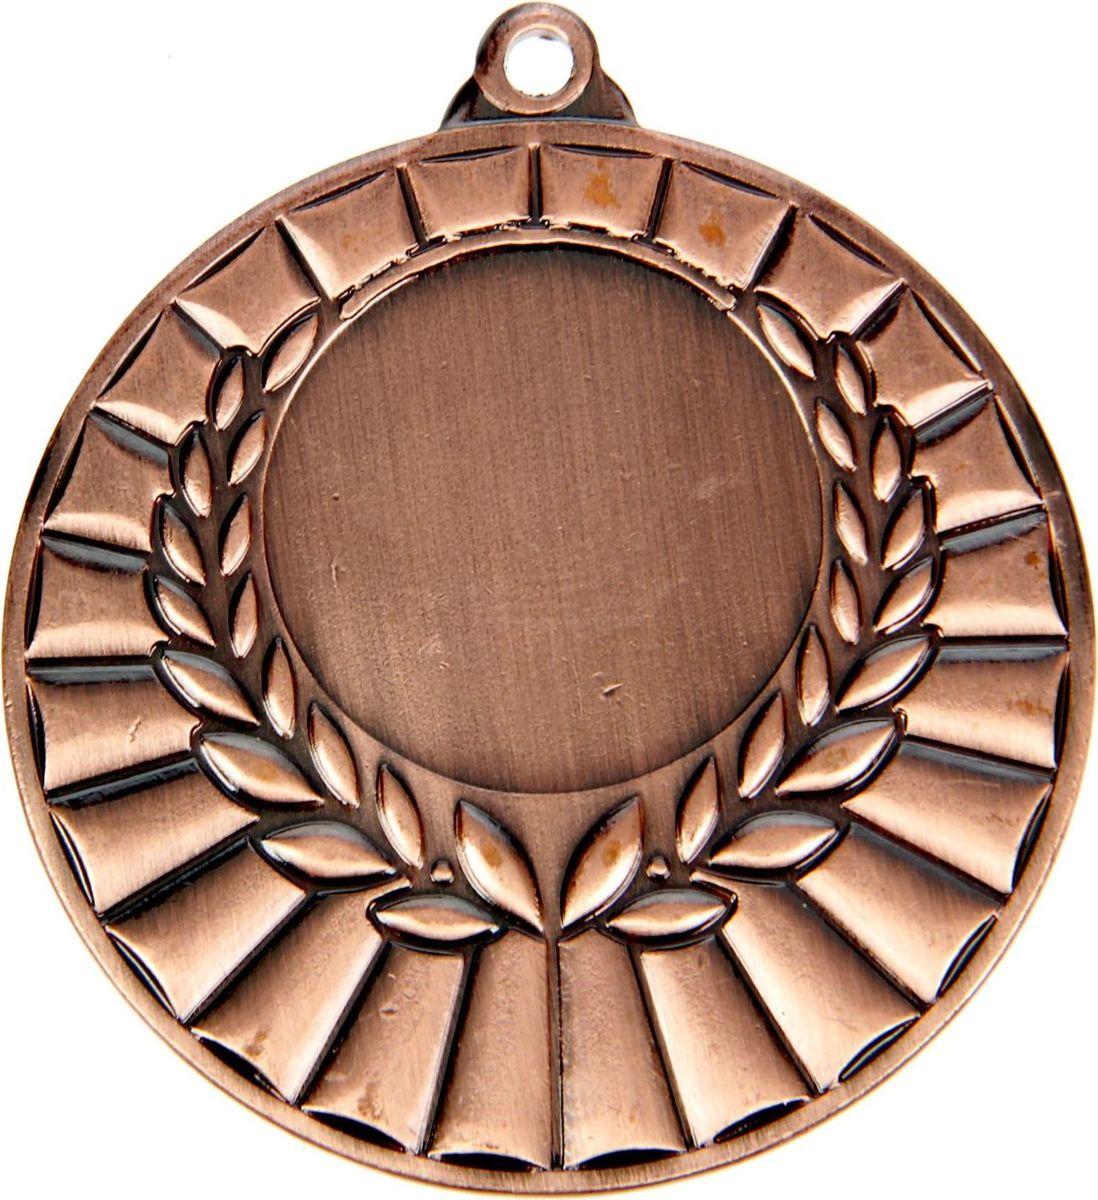 Медаль сувенирная с местом для гравировки, цвет: бронзовый, диаметр 5 см. 0471387711Пусть любая победа будет отмечена соответствующей наградой! Медаль — знак отличия, которым награждают самых достойных. Она вручается лишь тем, кто проявил настойчивость и волю к победе. Каждое достижение — это важное событие, которое должно остаться в памяти на долгие годы. изготовлена из металла, в комплект входит лента цвета триколор, являющегося одним из государственных символов России. Характеристики: Диаметр медали: 5 см Диаметр вкладыша (лицо): 2,5 см Диаметр вкладыша (оборот): 4,5 см